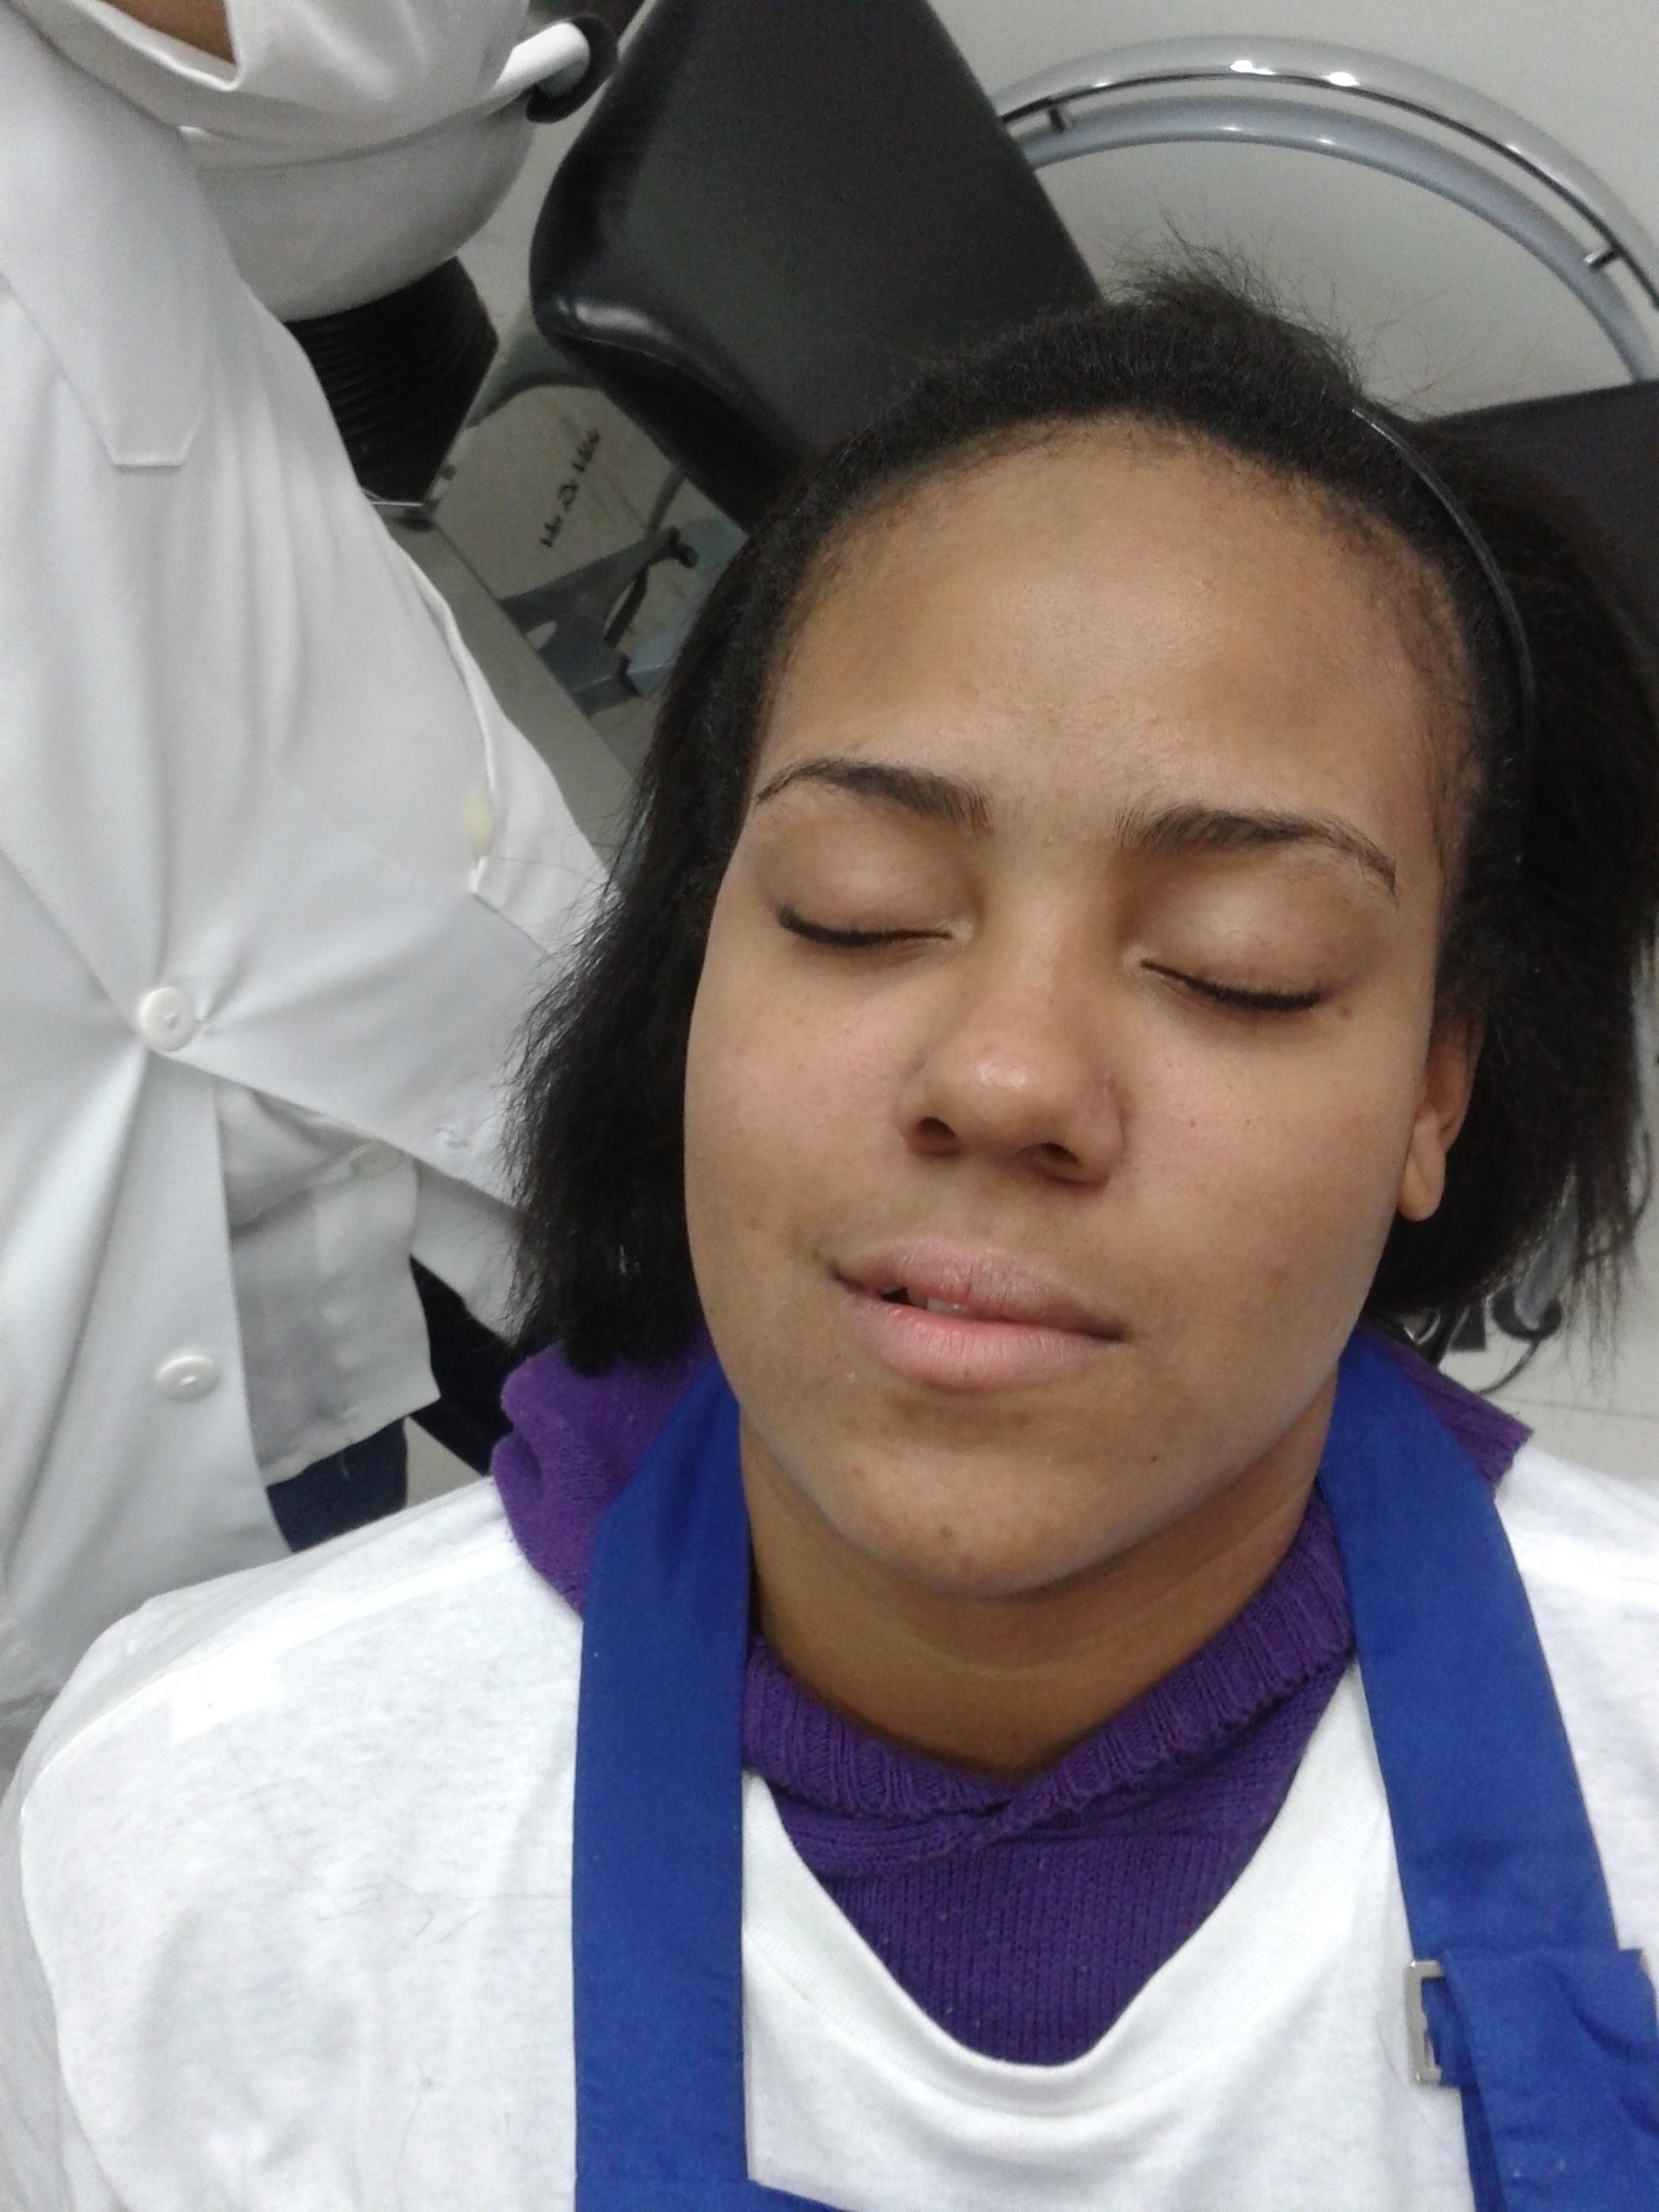 make-up baladinha. cabeleireiro(a) barbeiro(a) maquiador(a) designer de sobrancelhas depilador(a)